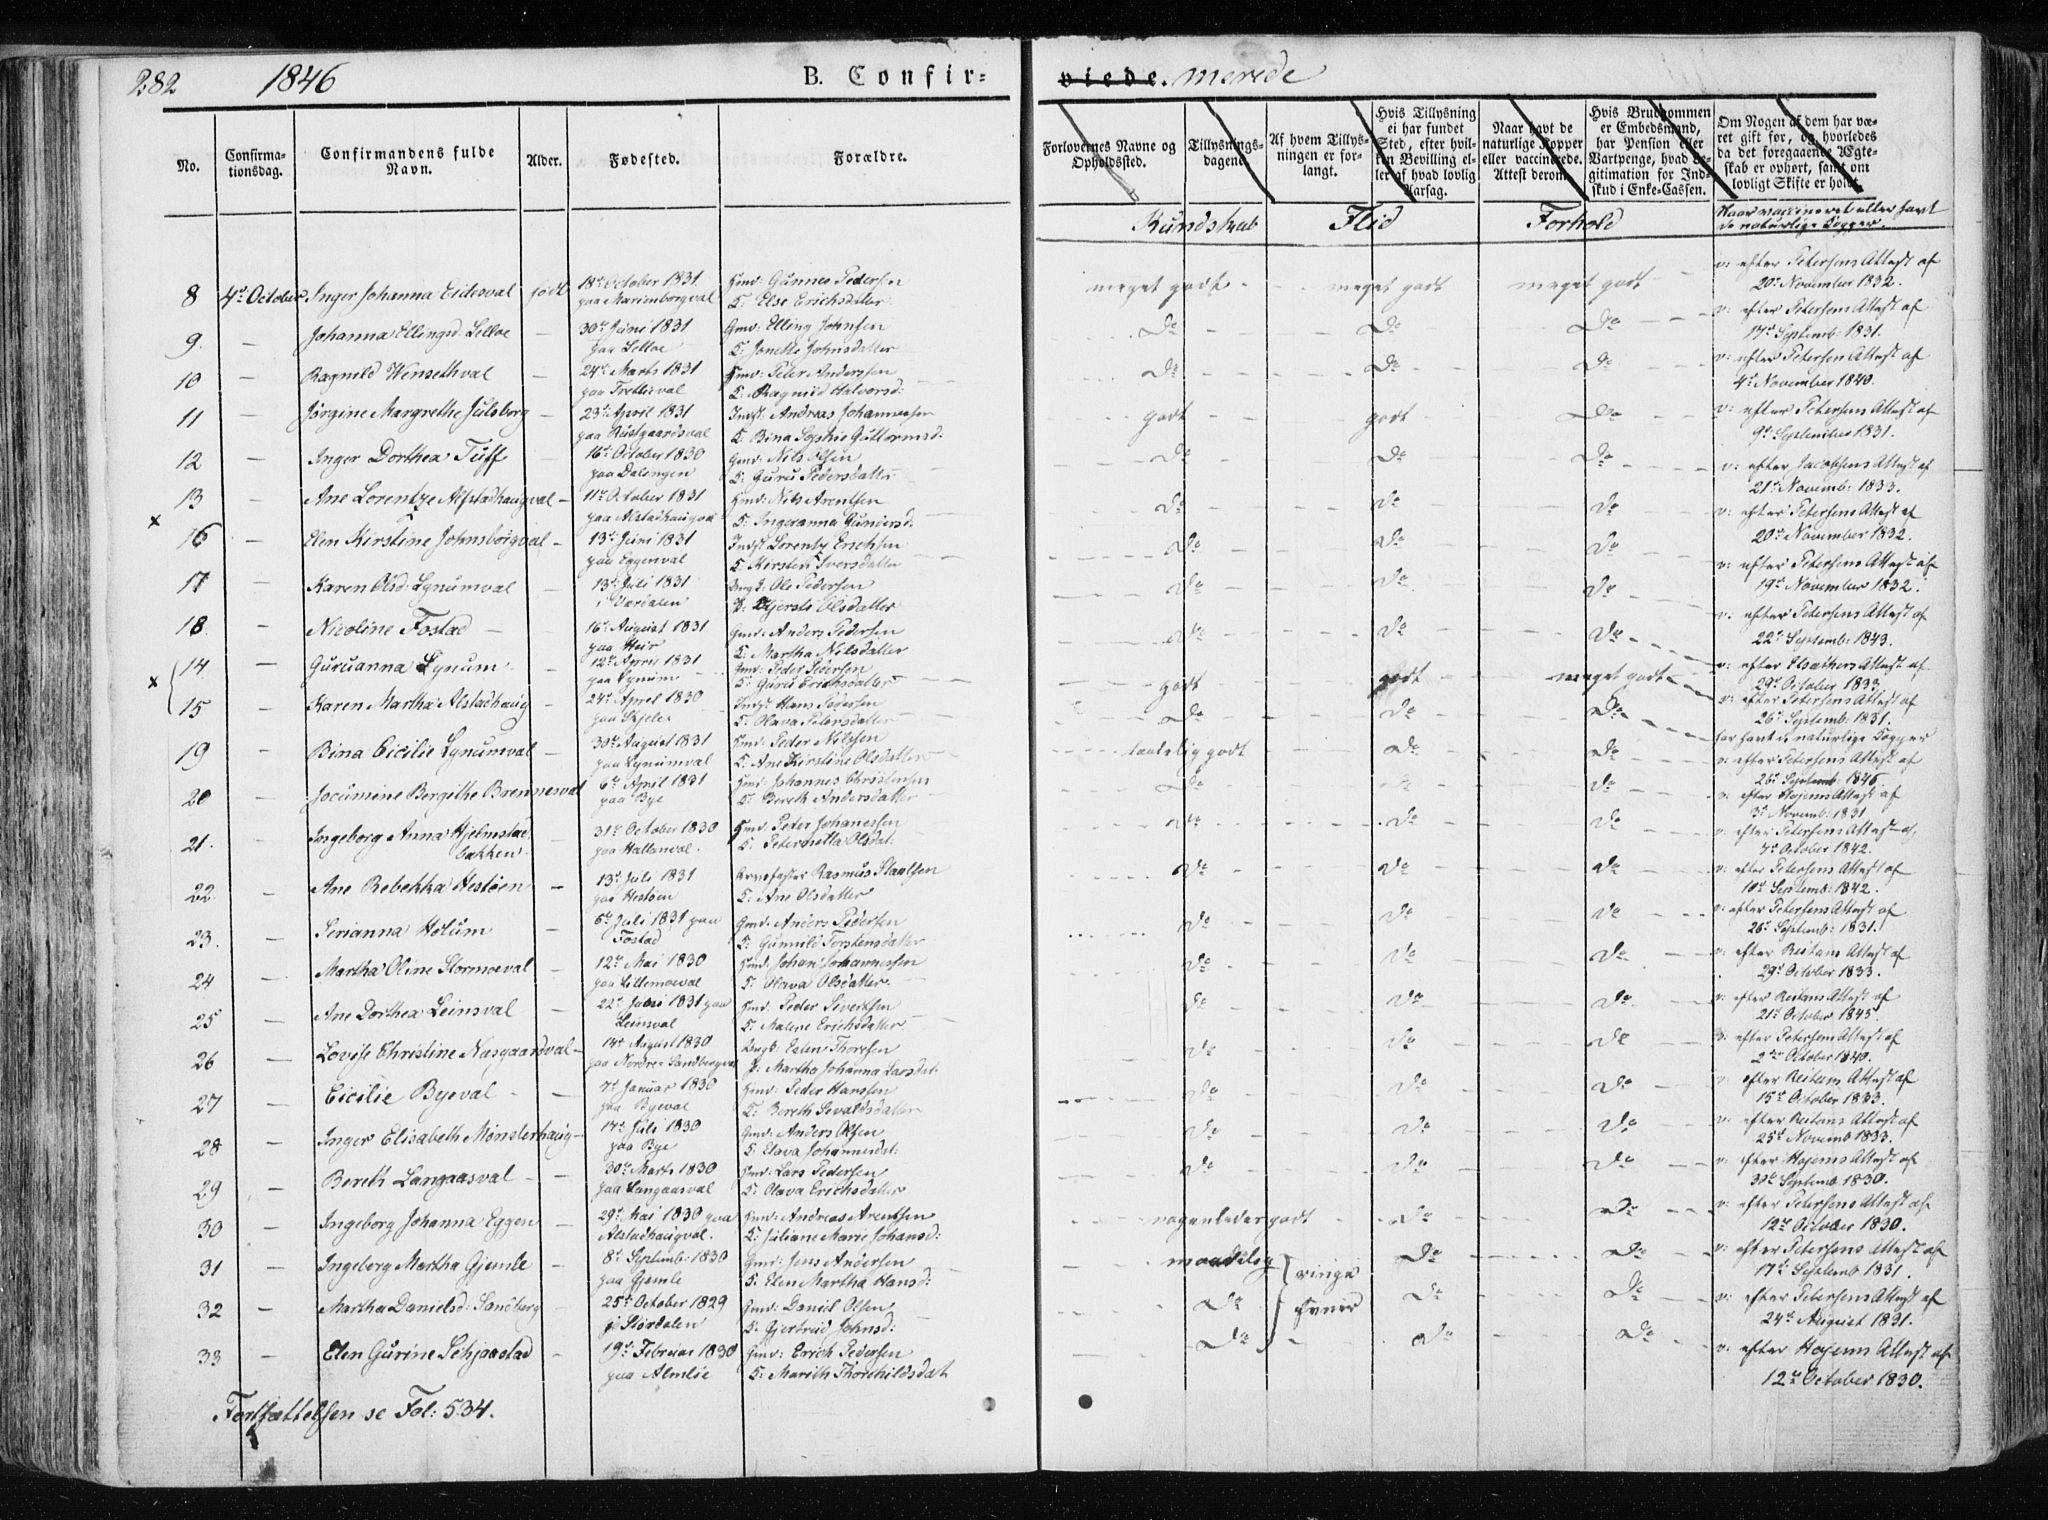 SAT, Ministerialprotokoller, klokkerbøker og fødselsregistre - Nord-Trøndelag, 717/L0154: Ministerialbok nr. 717A06 /1, 1836-1849, s. 282